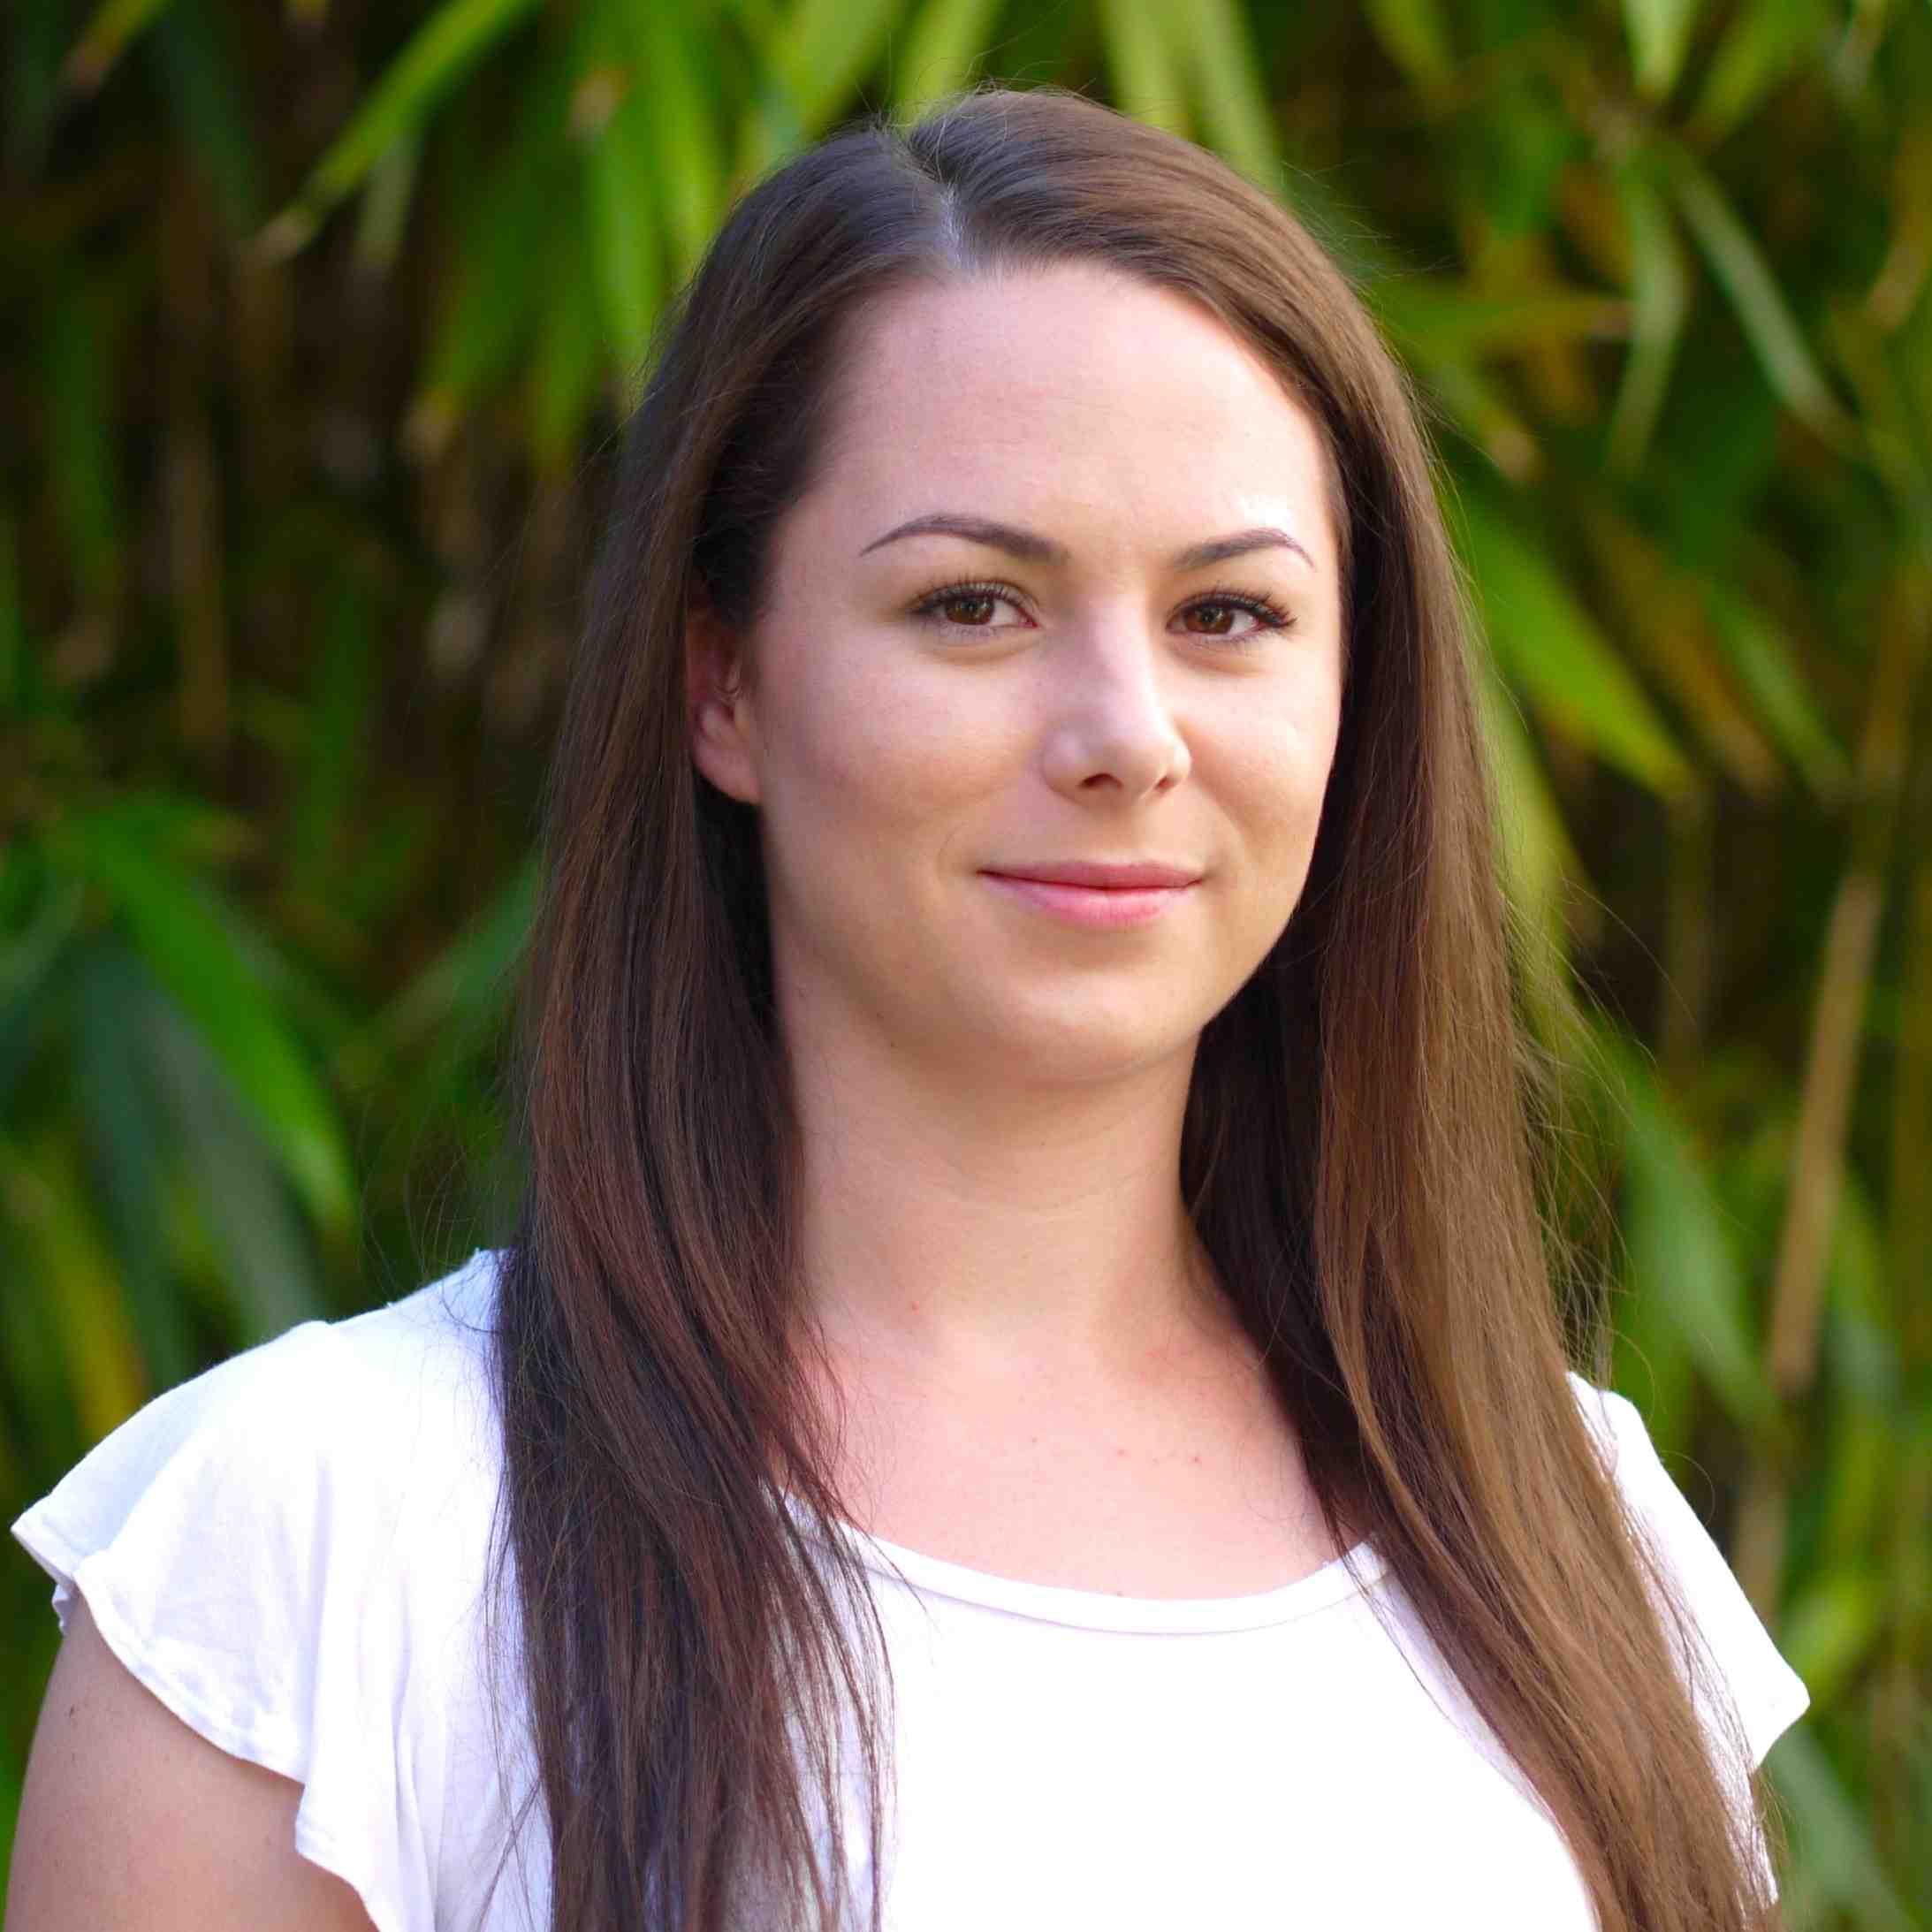 Tatjana Streib